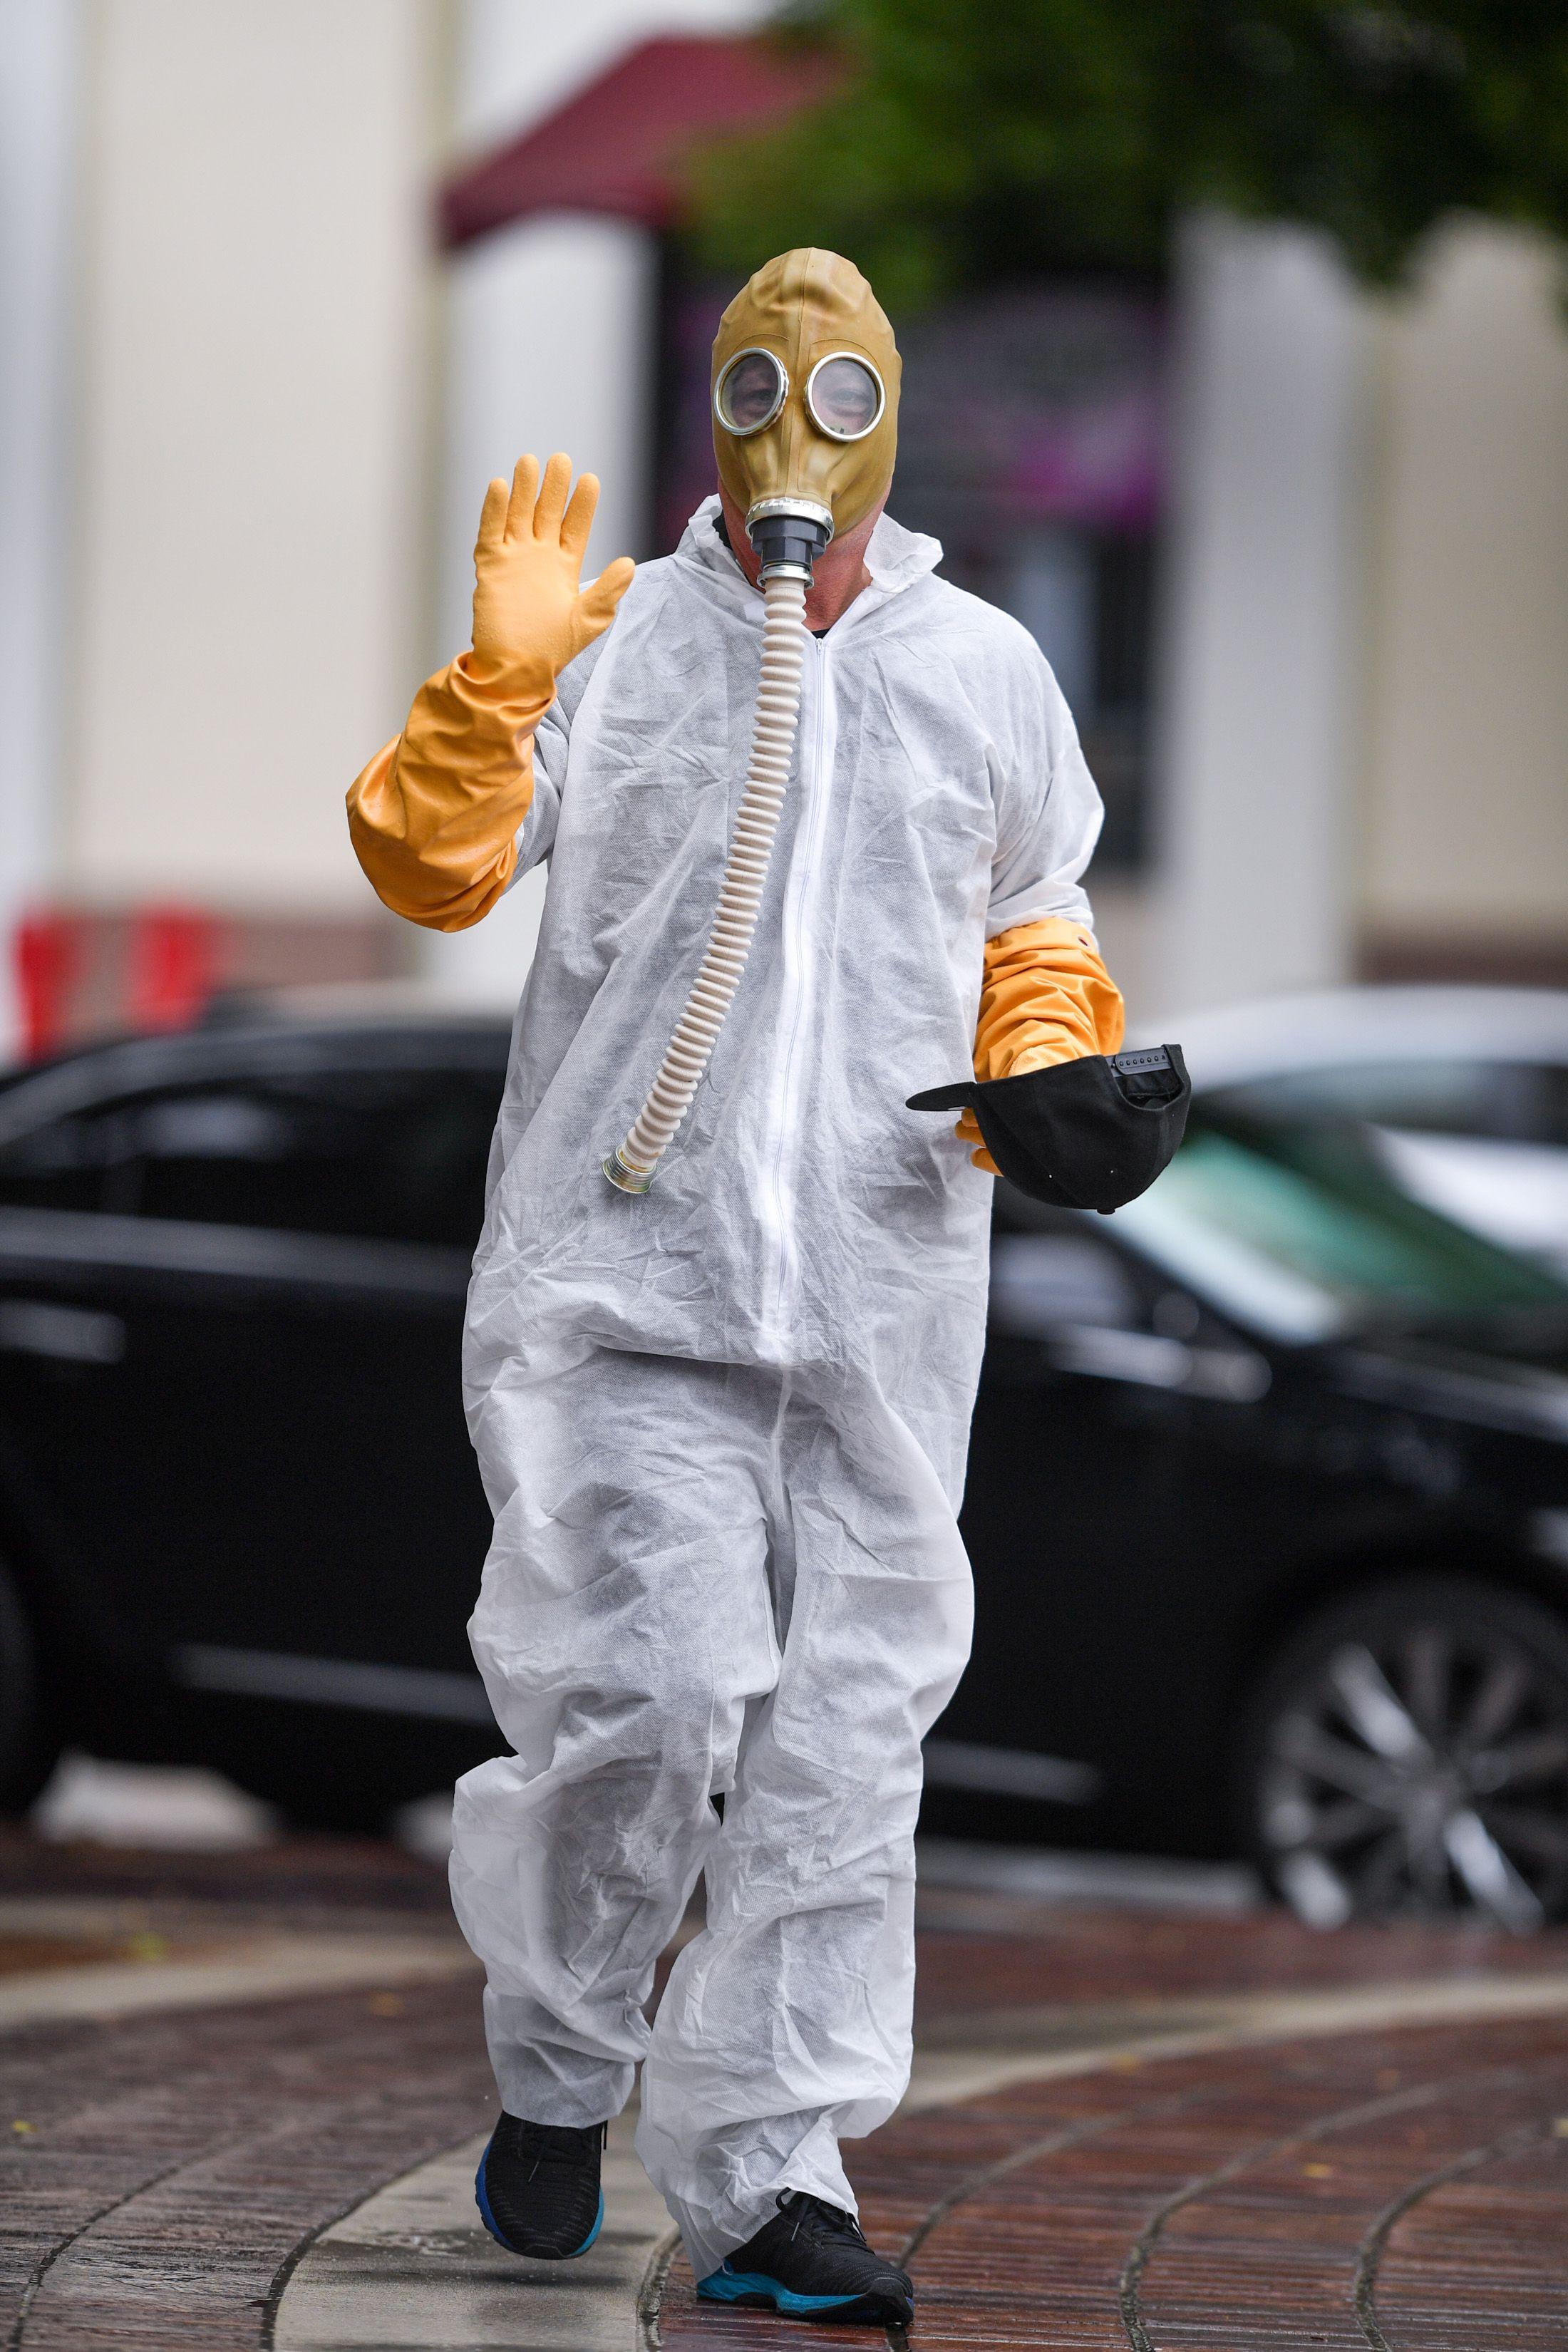 Howie Mandel walks down the street wearing a hazmat suit